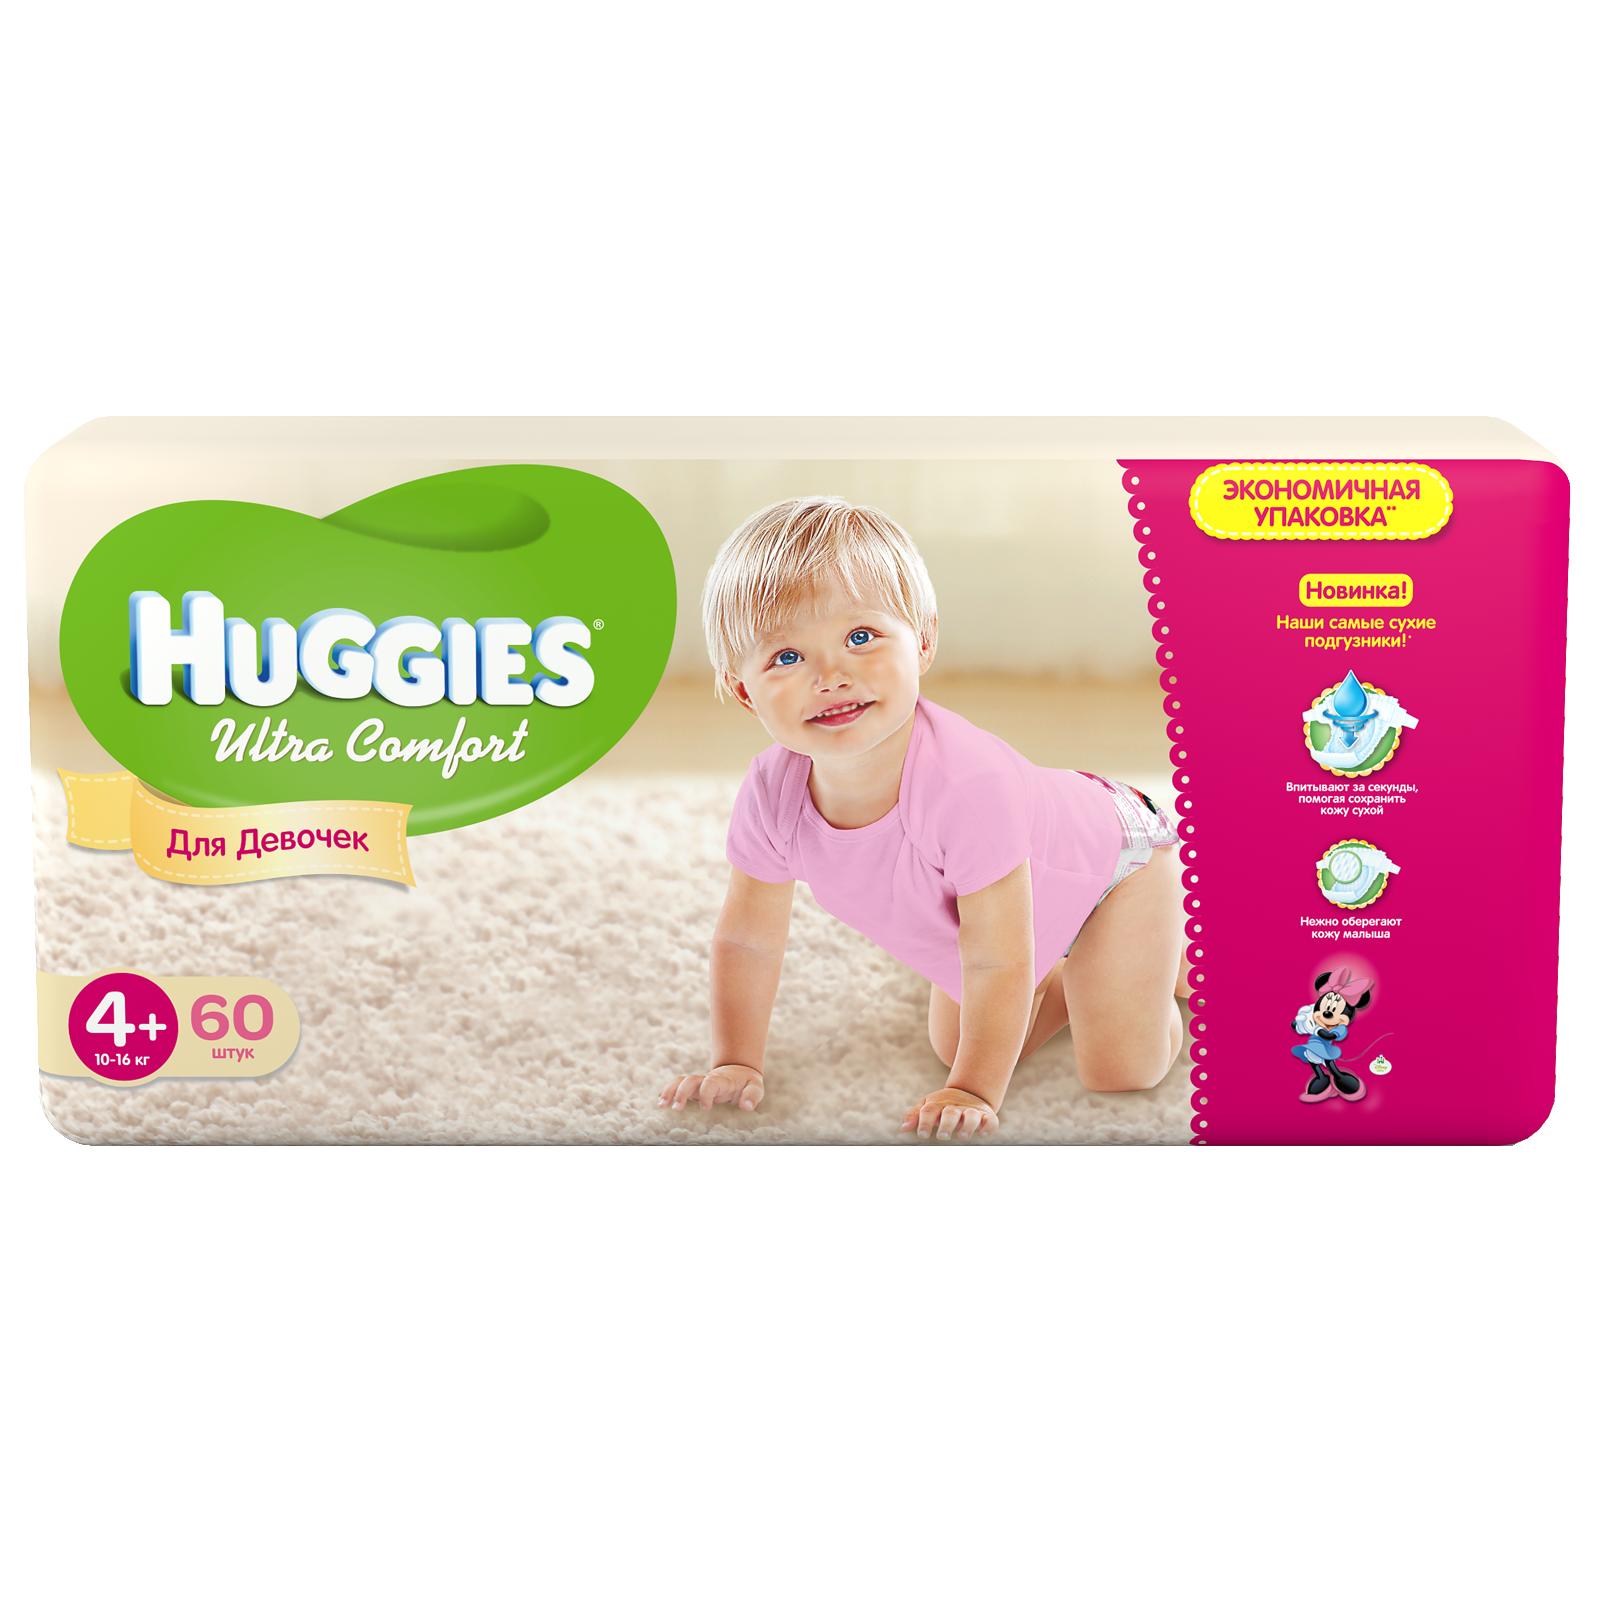 Подгузники Huggies Ultra Comfort Mega Pack для девочек 10-16 кг (60 шт) Размер 4+<br>